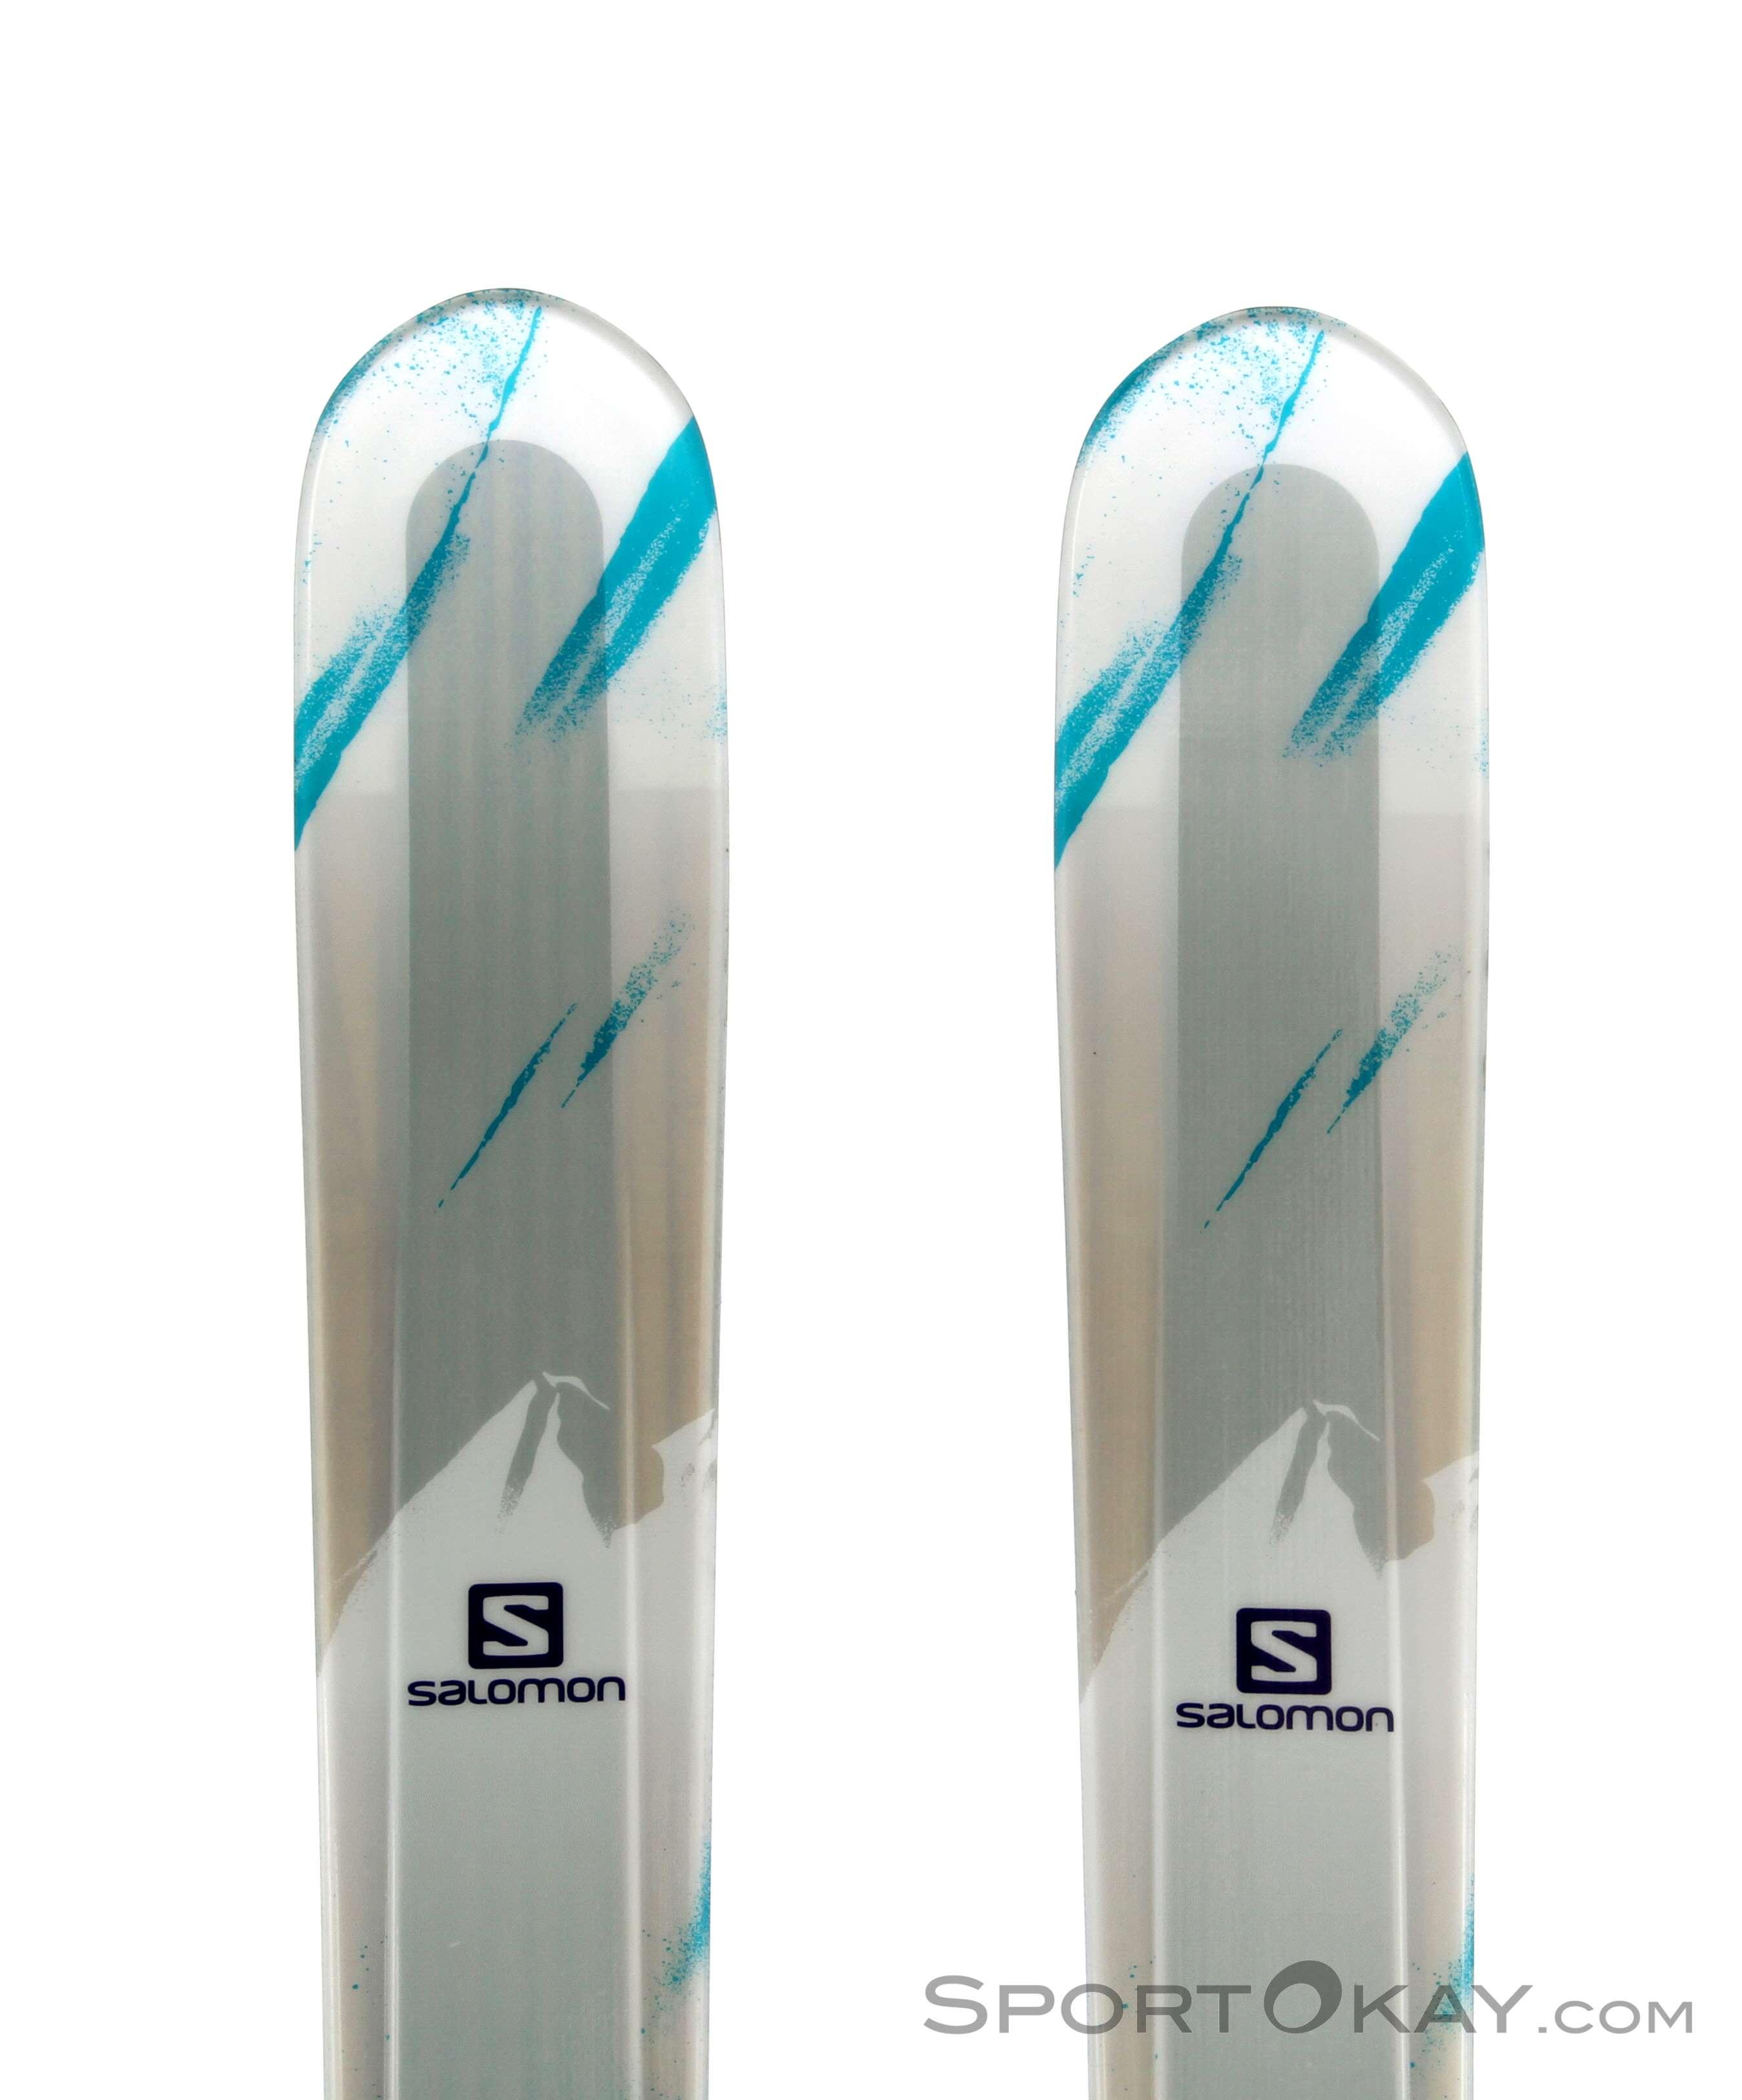 Salomon MTN Explore 88 W Womens Touring Skis 2018 Skis Xtcc3